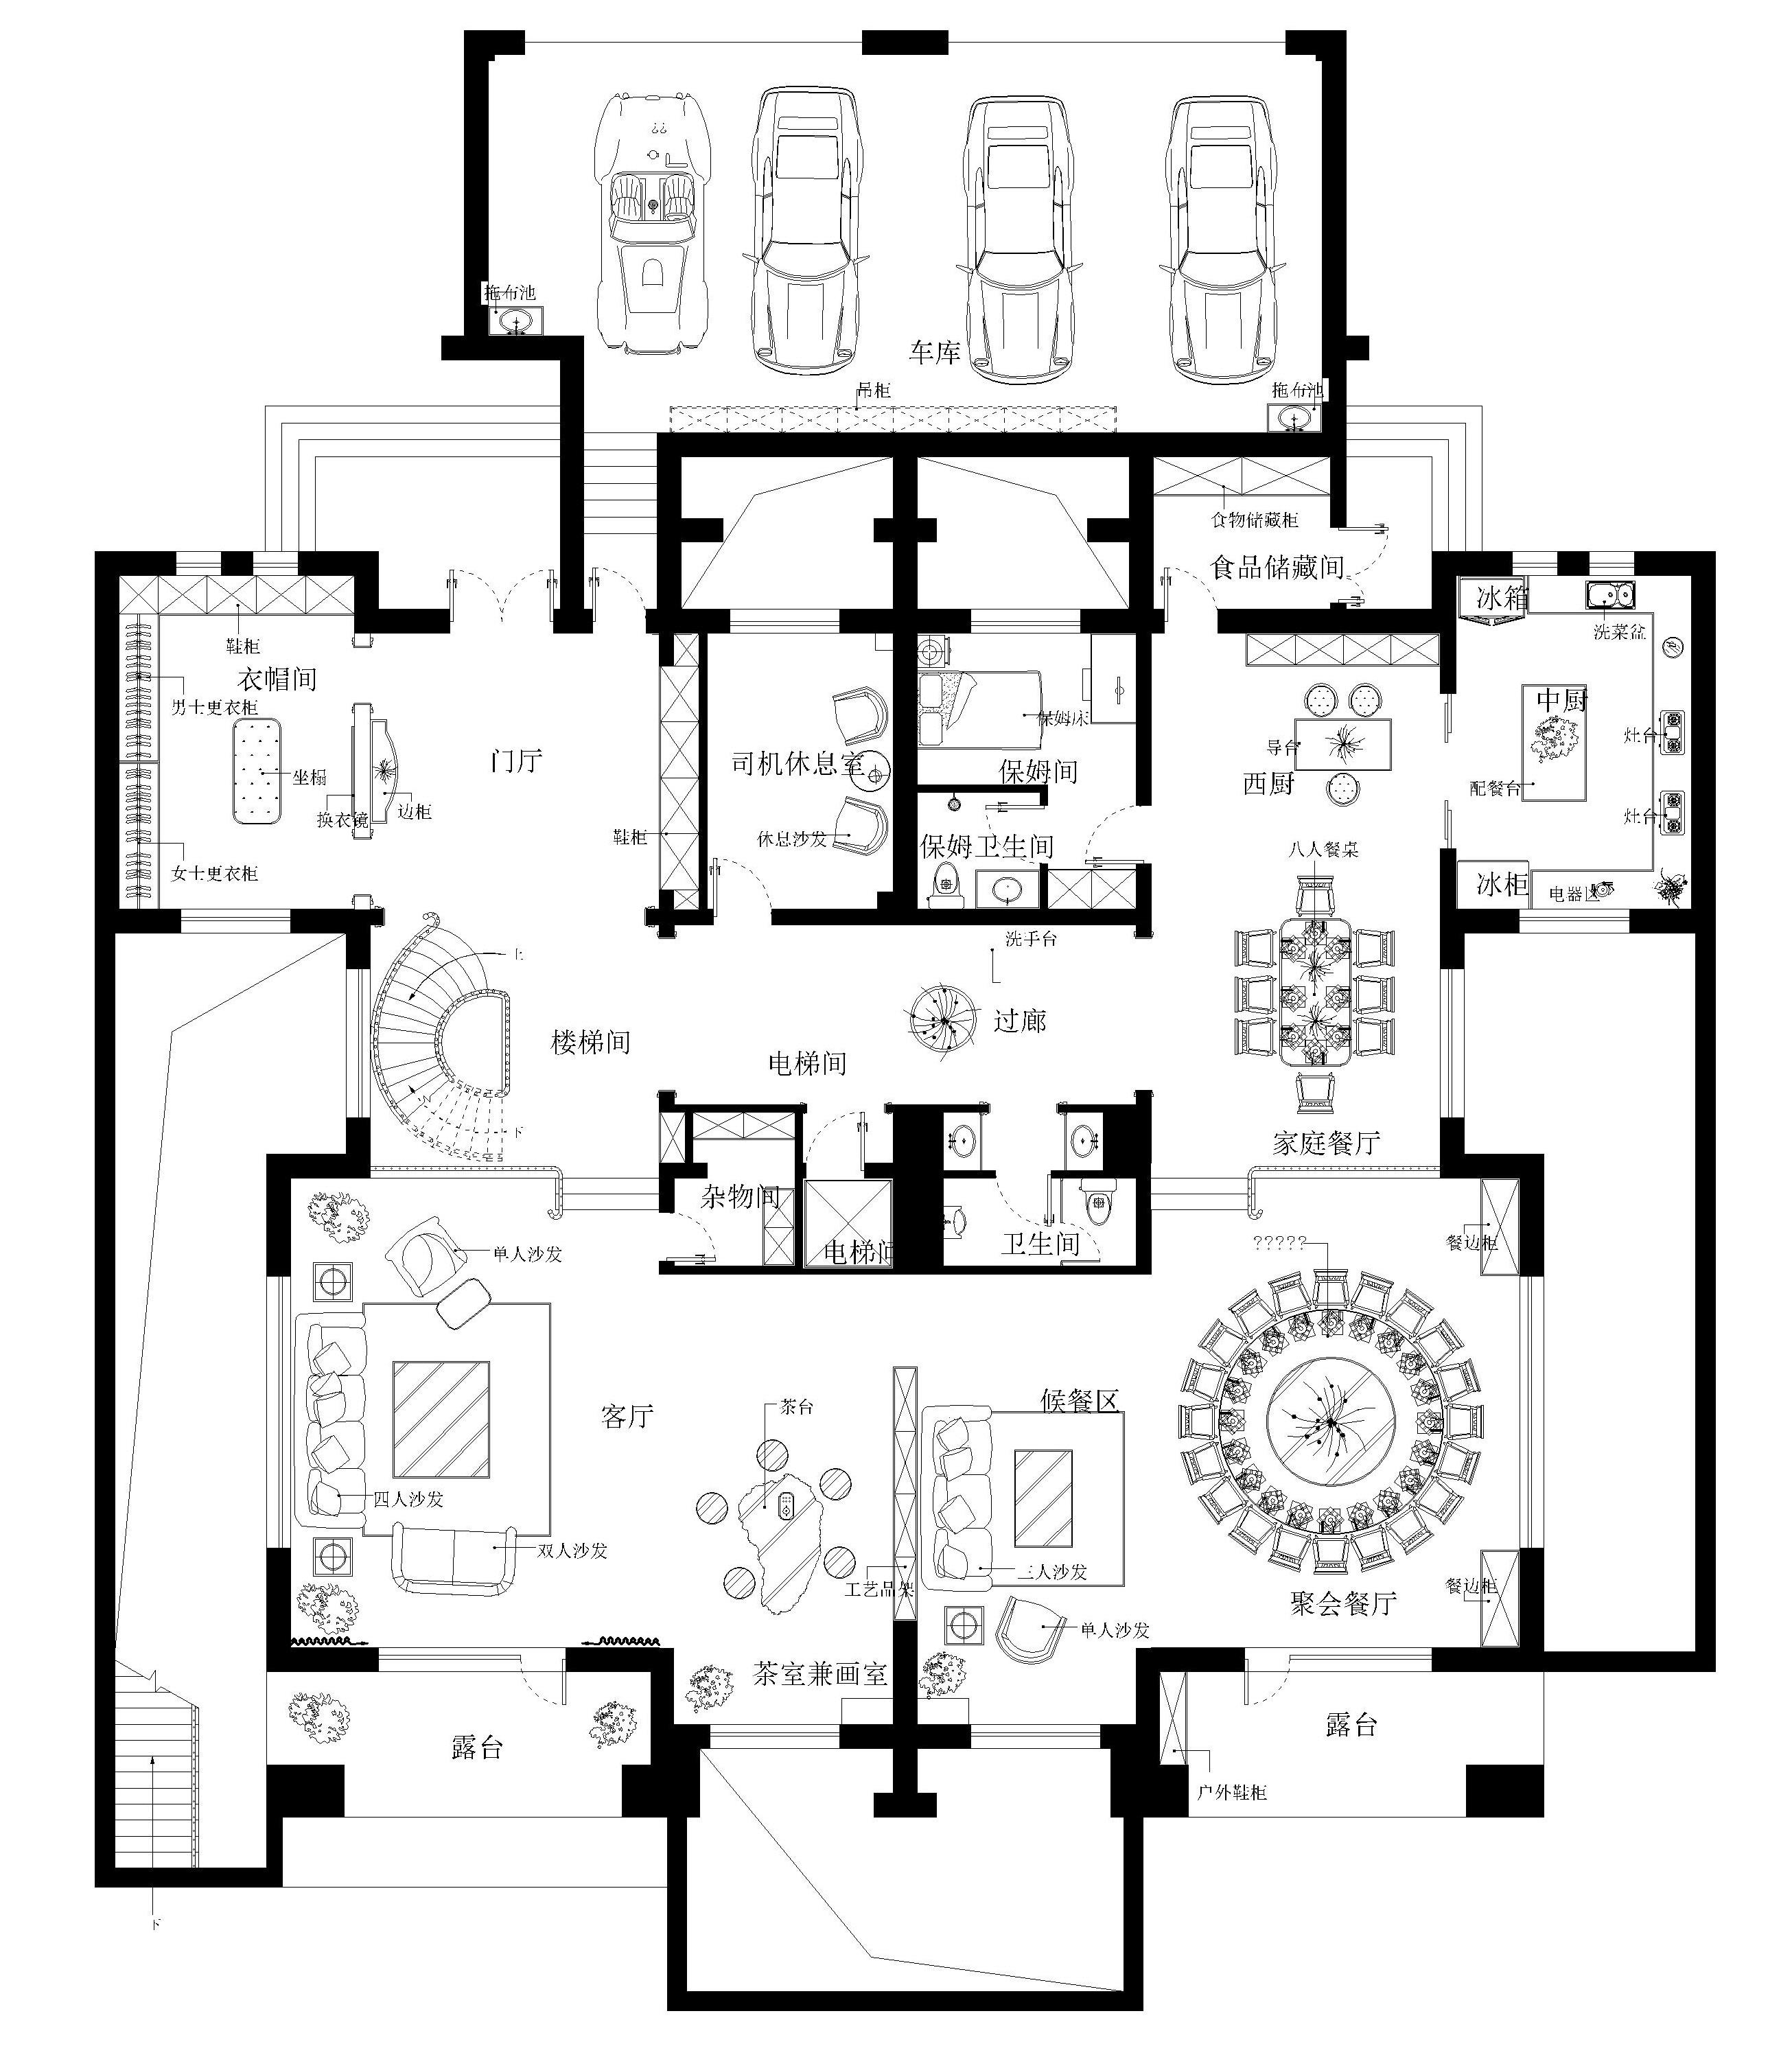 果岭公馆美式乡村1300㎡别墅装修效果图装修设计理念